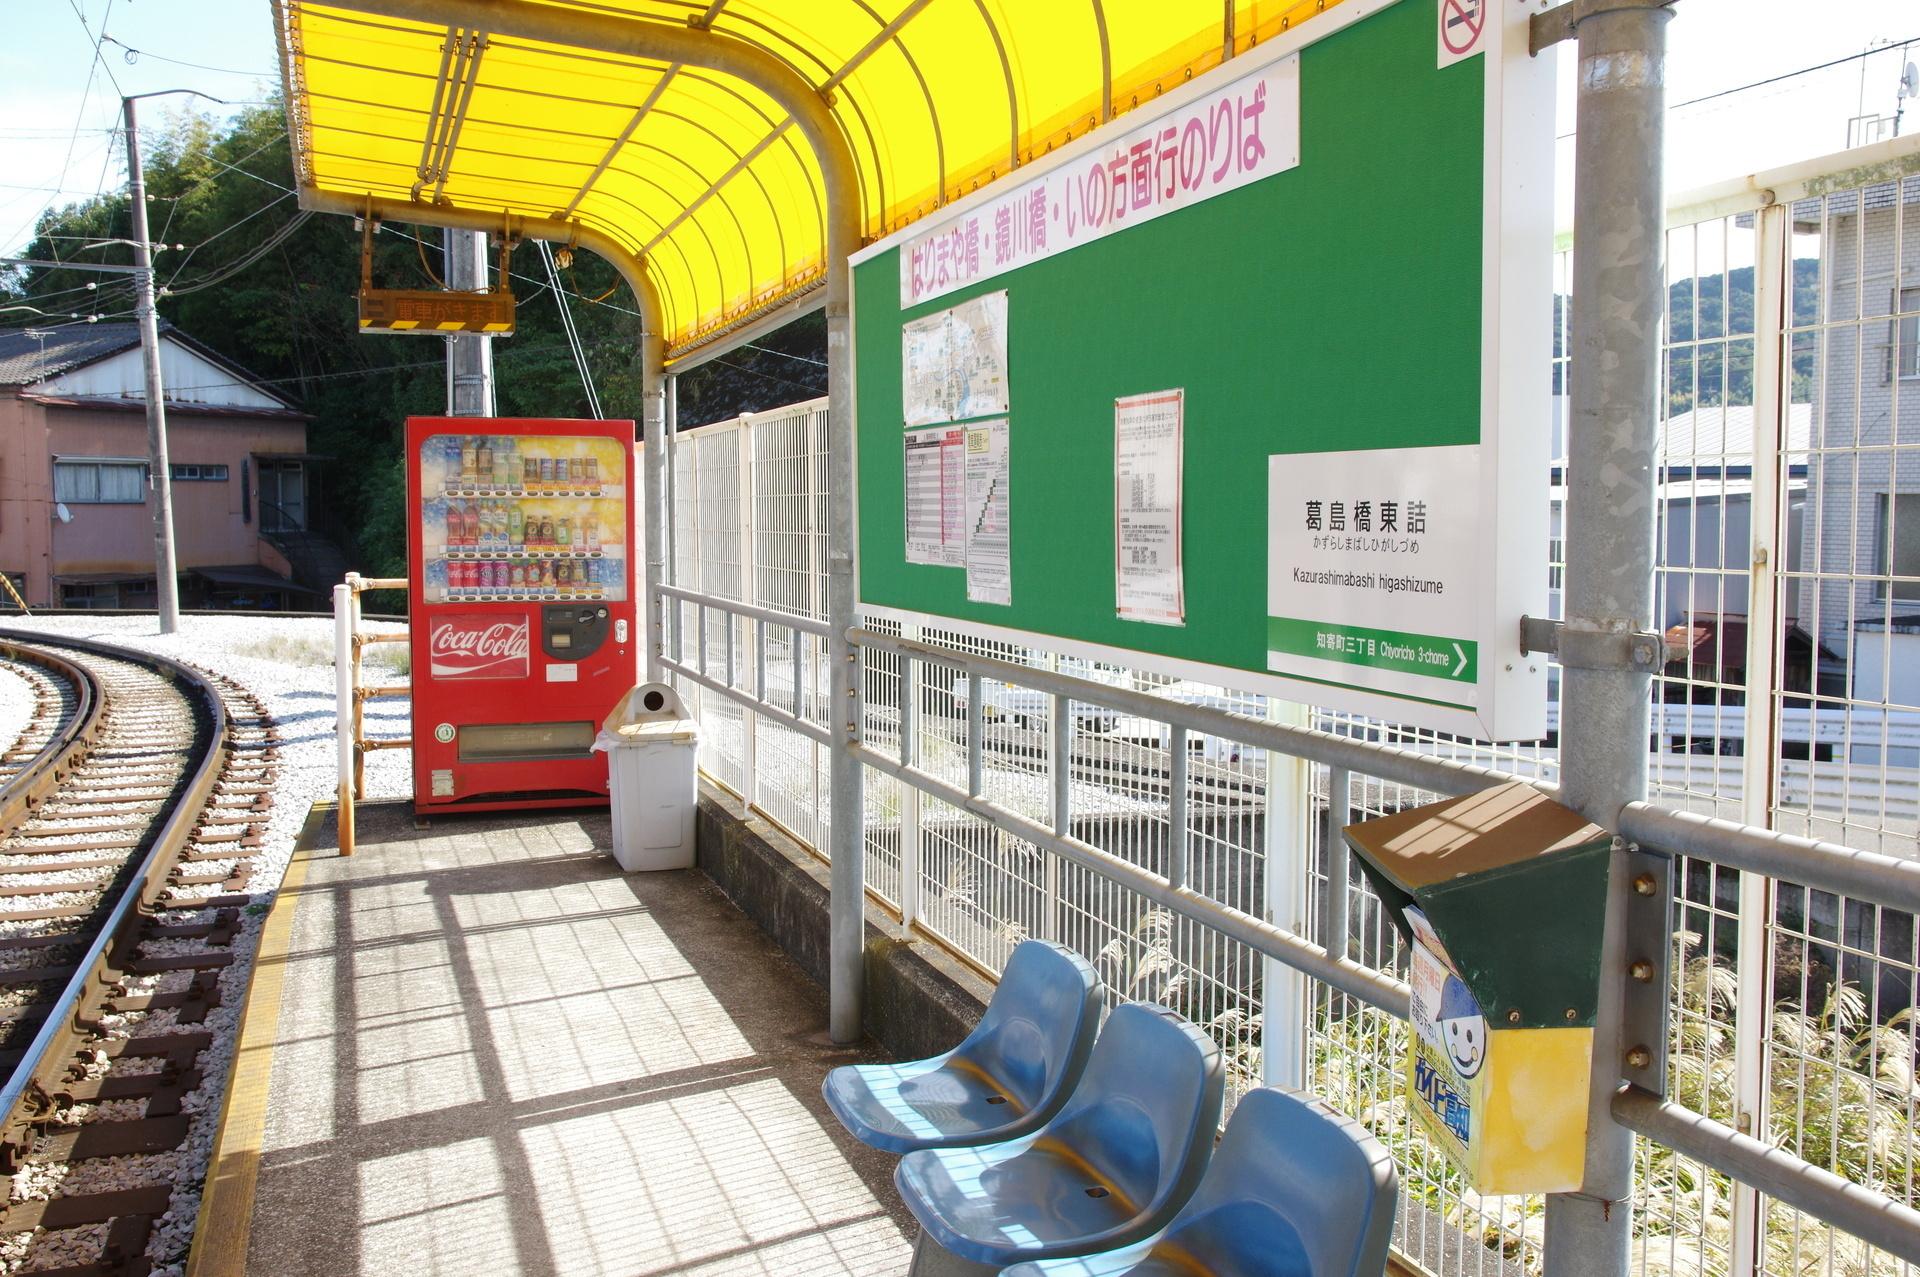 葛島橋東詰駅のホーム・自販機